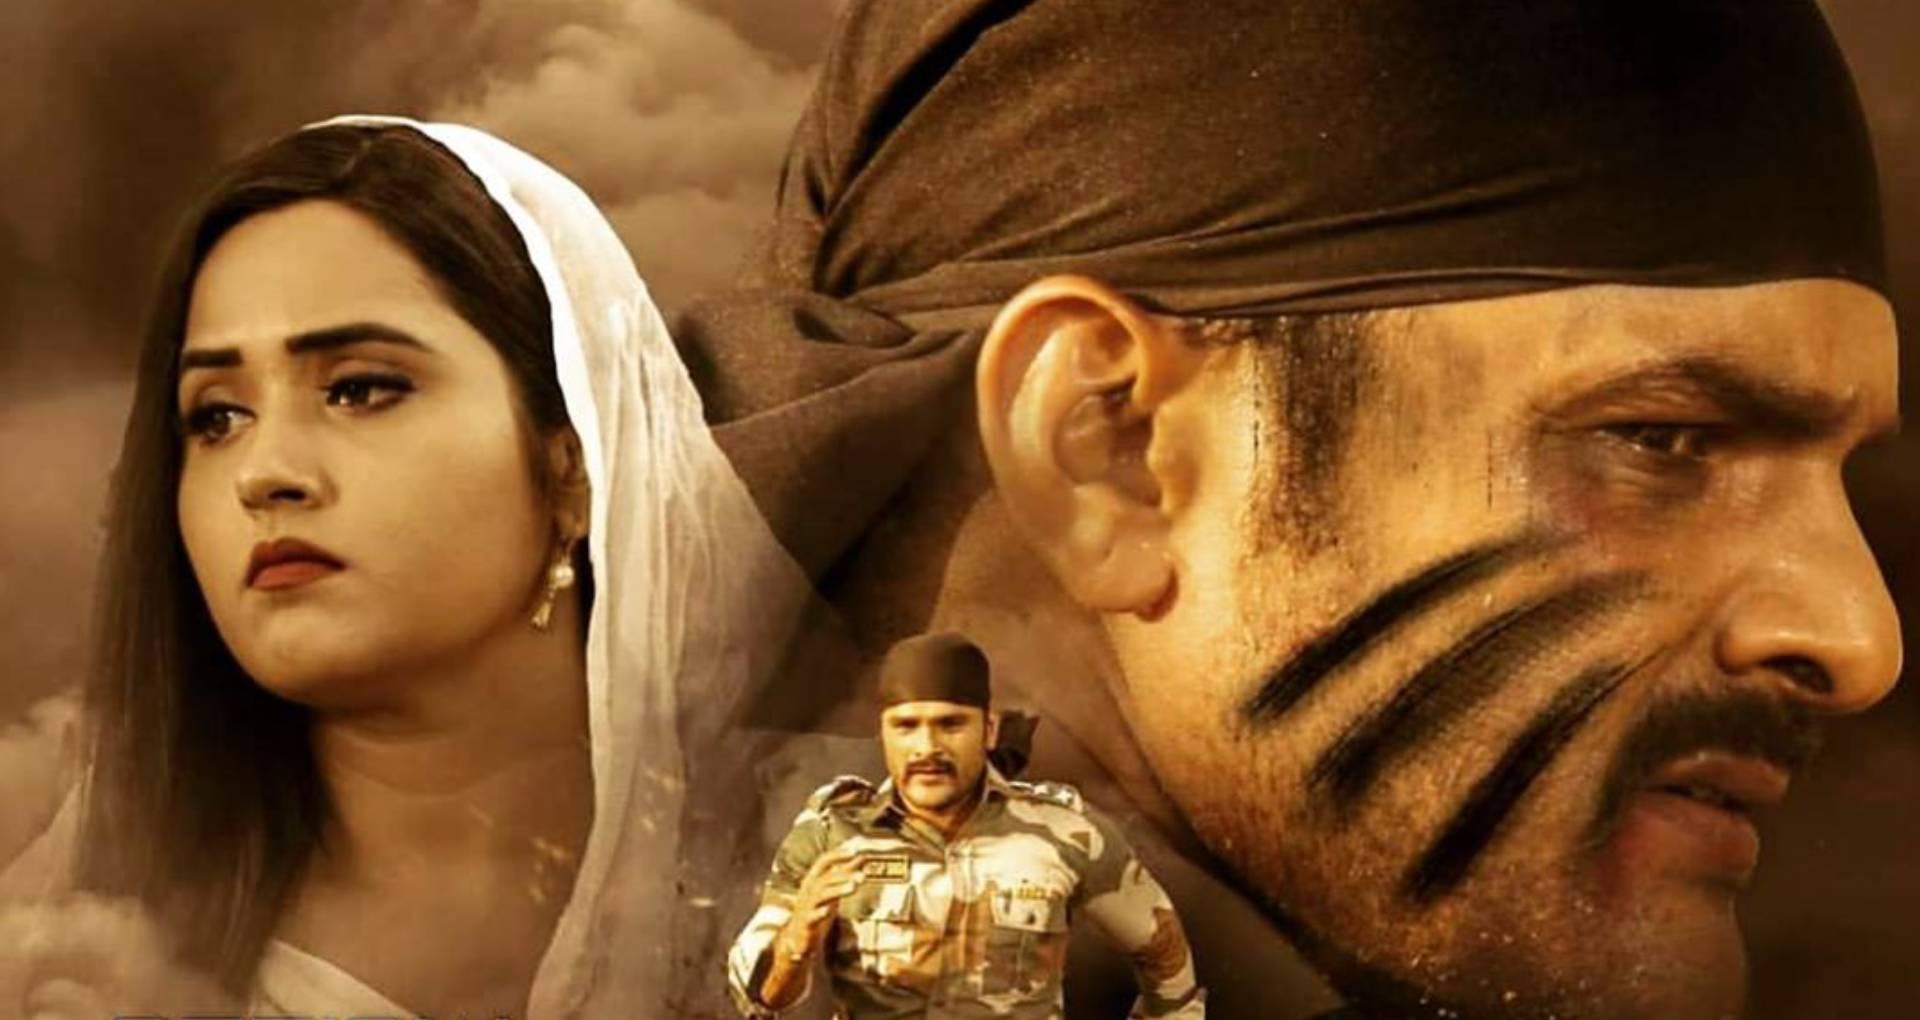 Baaghi First Look: भोजपुरी फिल्म बागी का फर्स्ट लुक आउट, सेना के जवान के किरदार में दिखे खेसारी लाल यादव